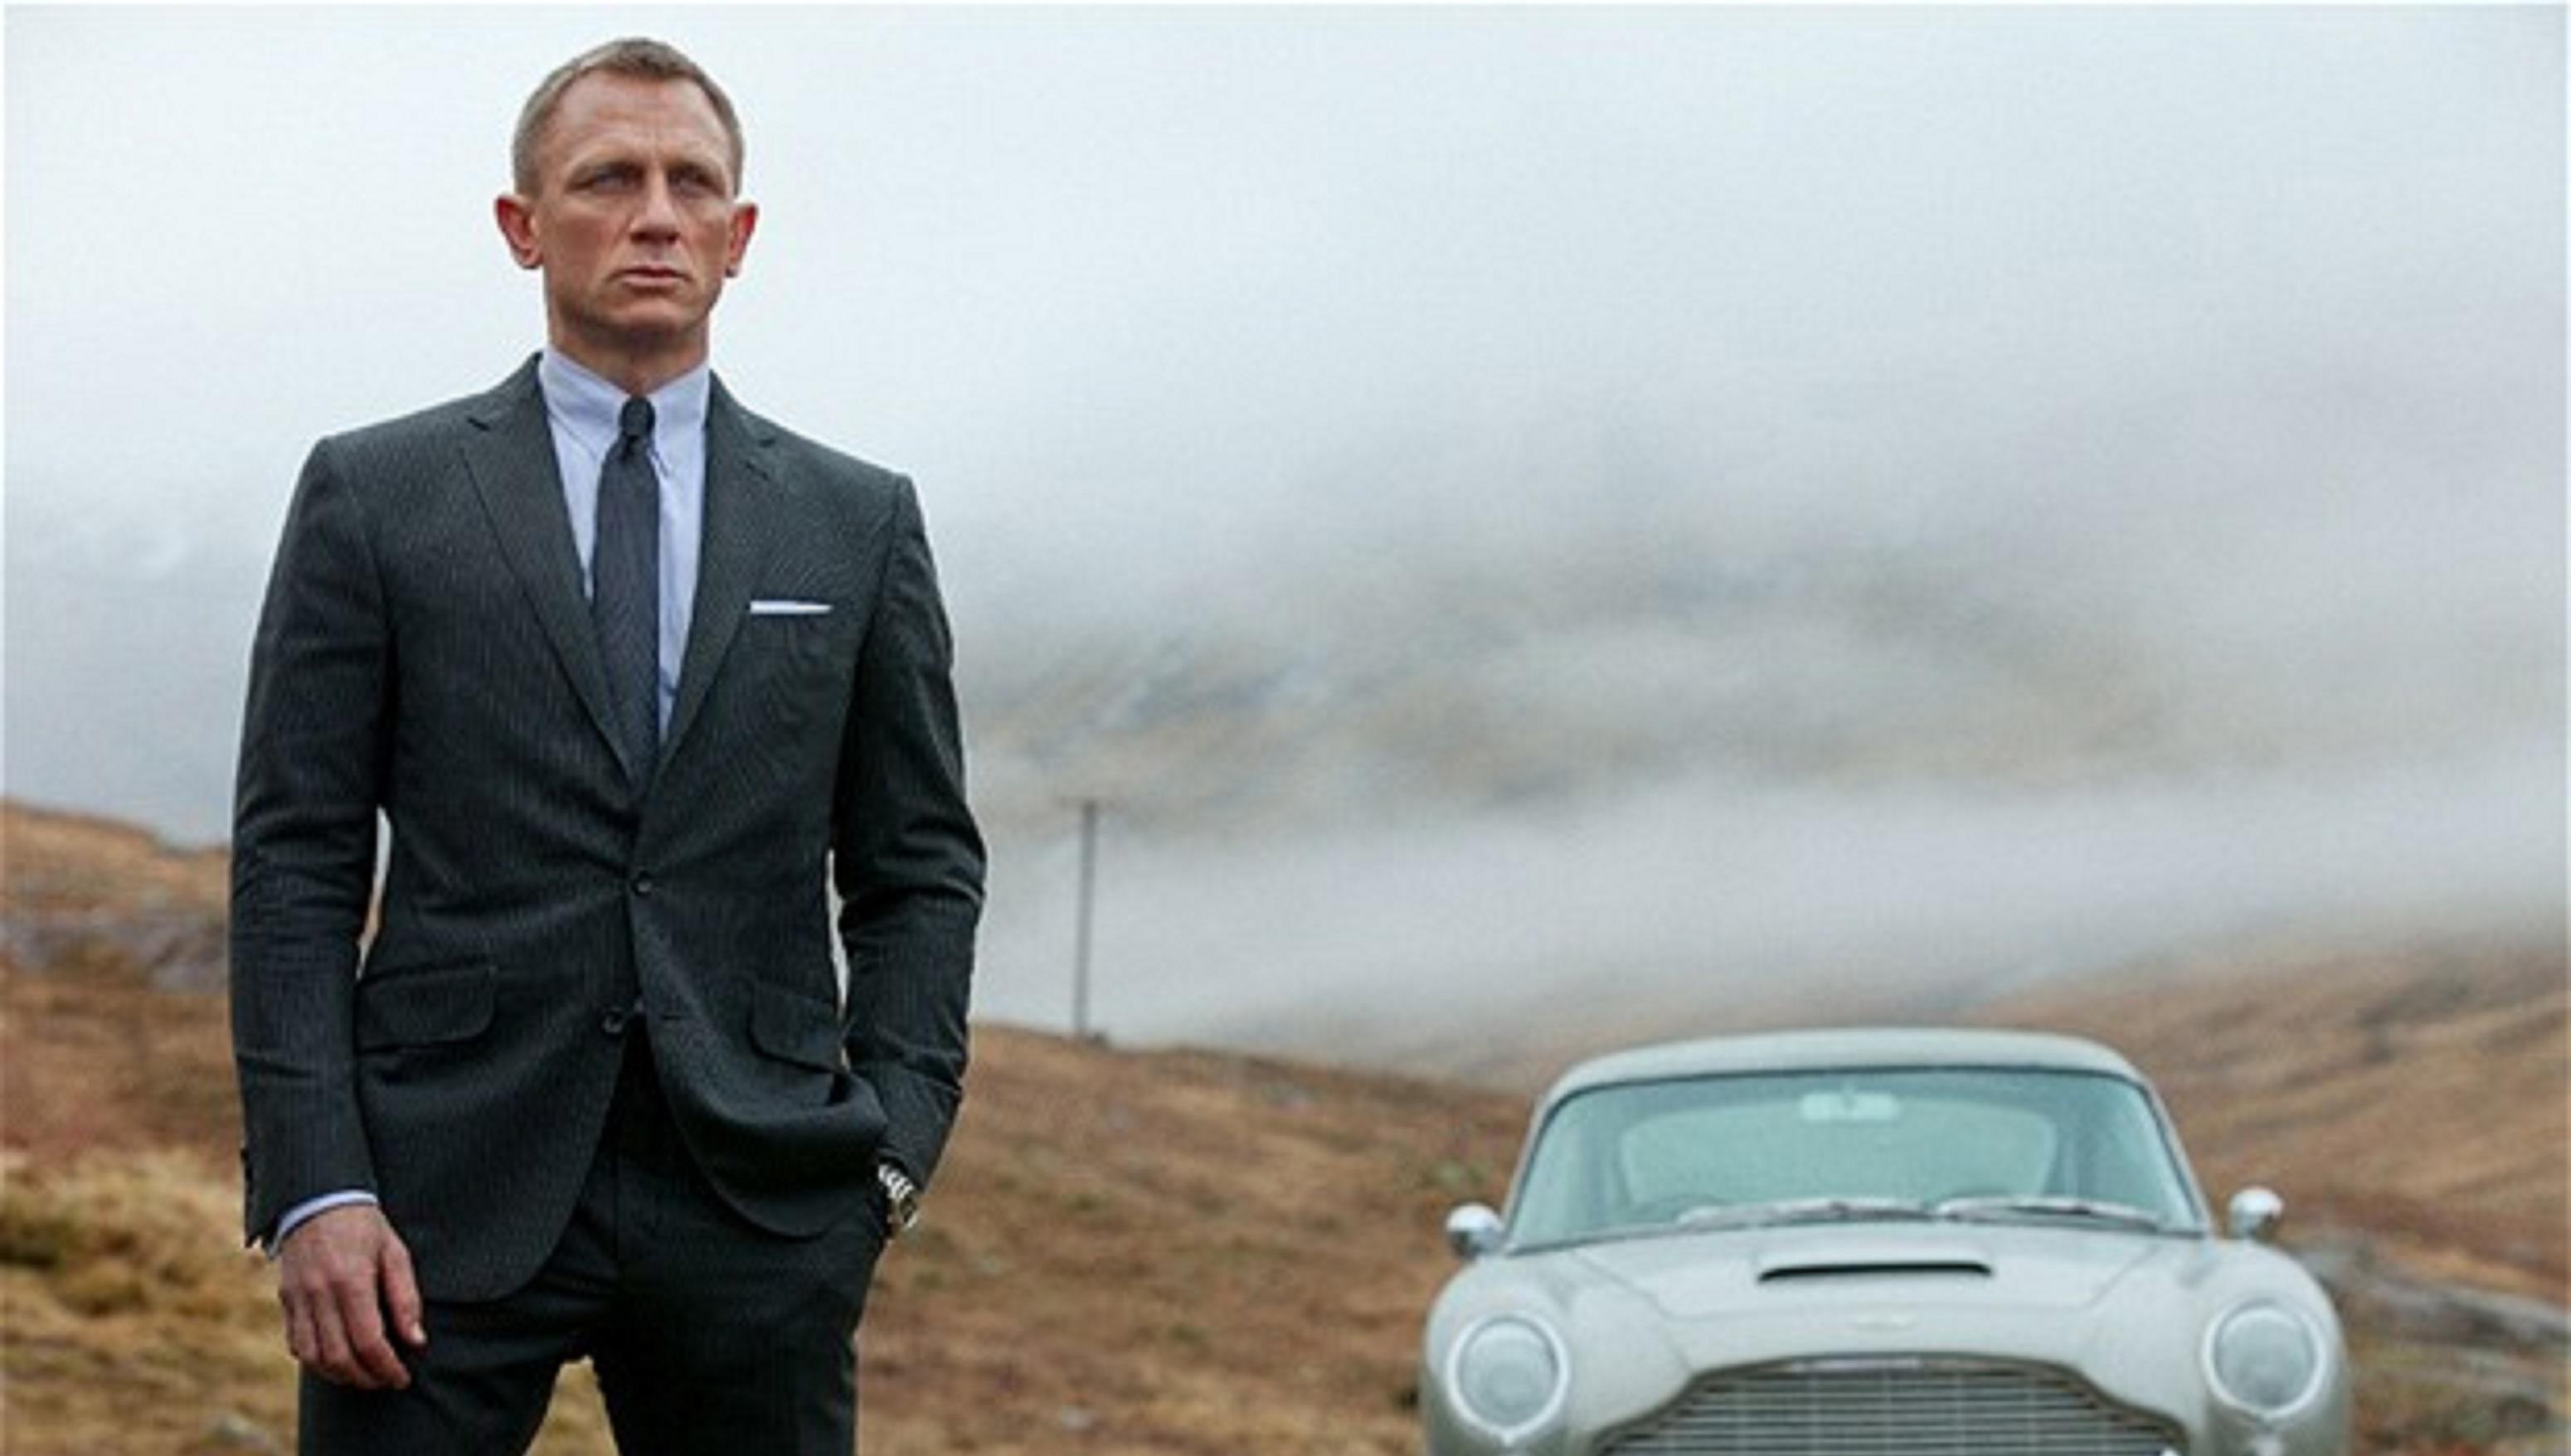 Daniel Craig, sosok yang dianggap tepat memerankan karakter James Bond, mata-mata asal Inggris.